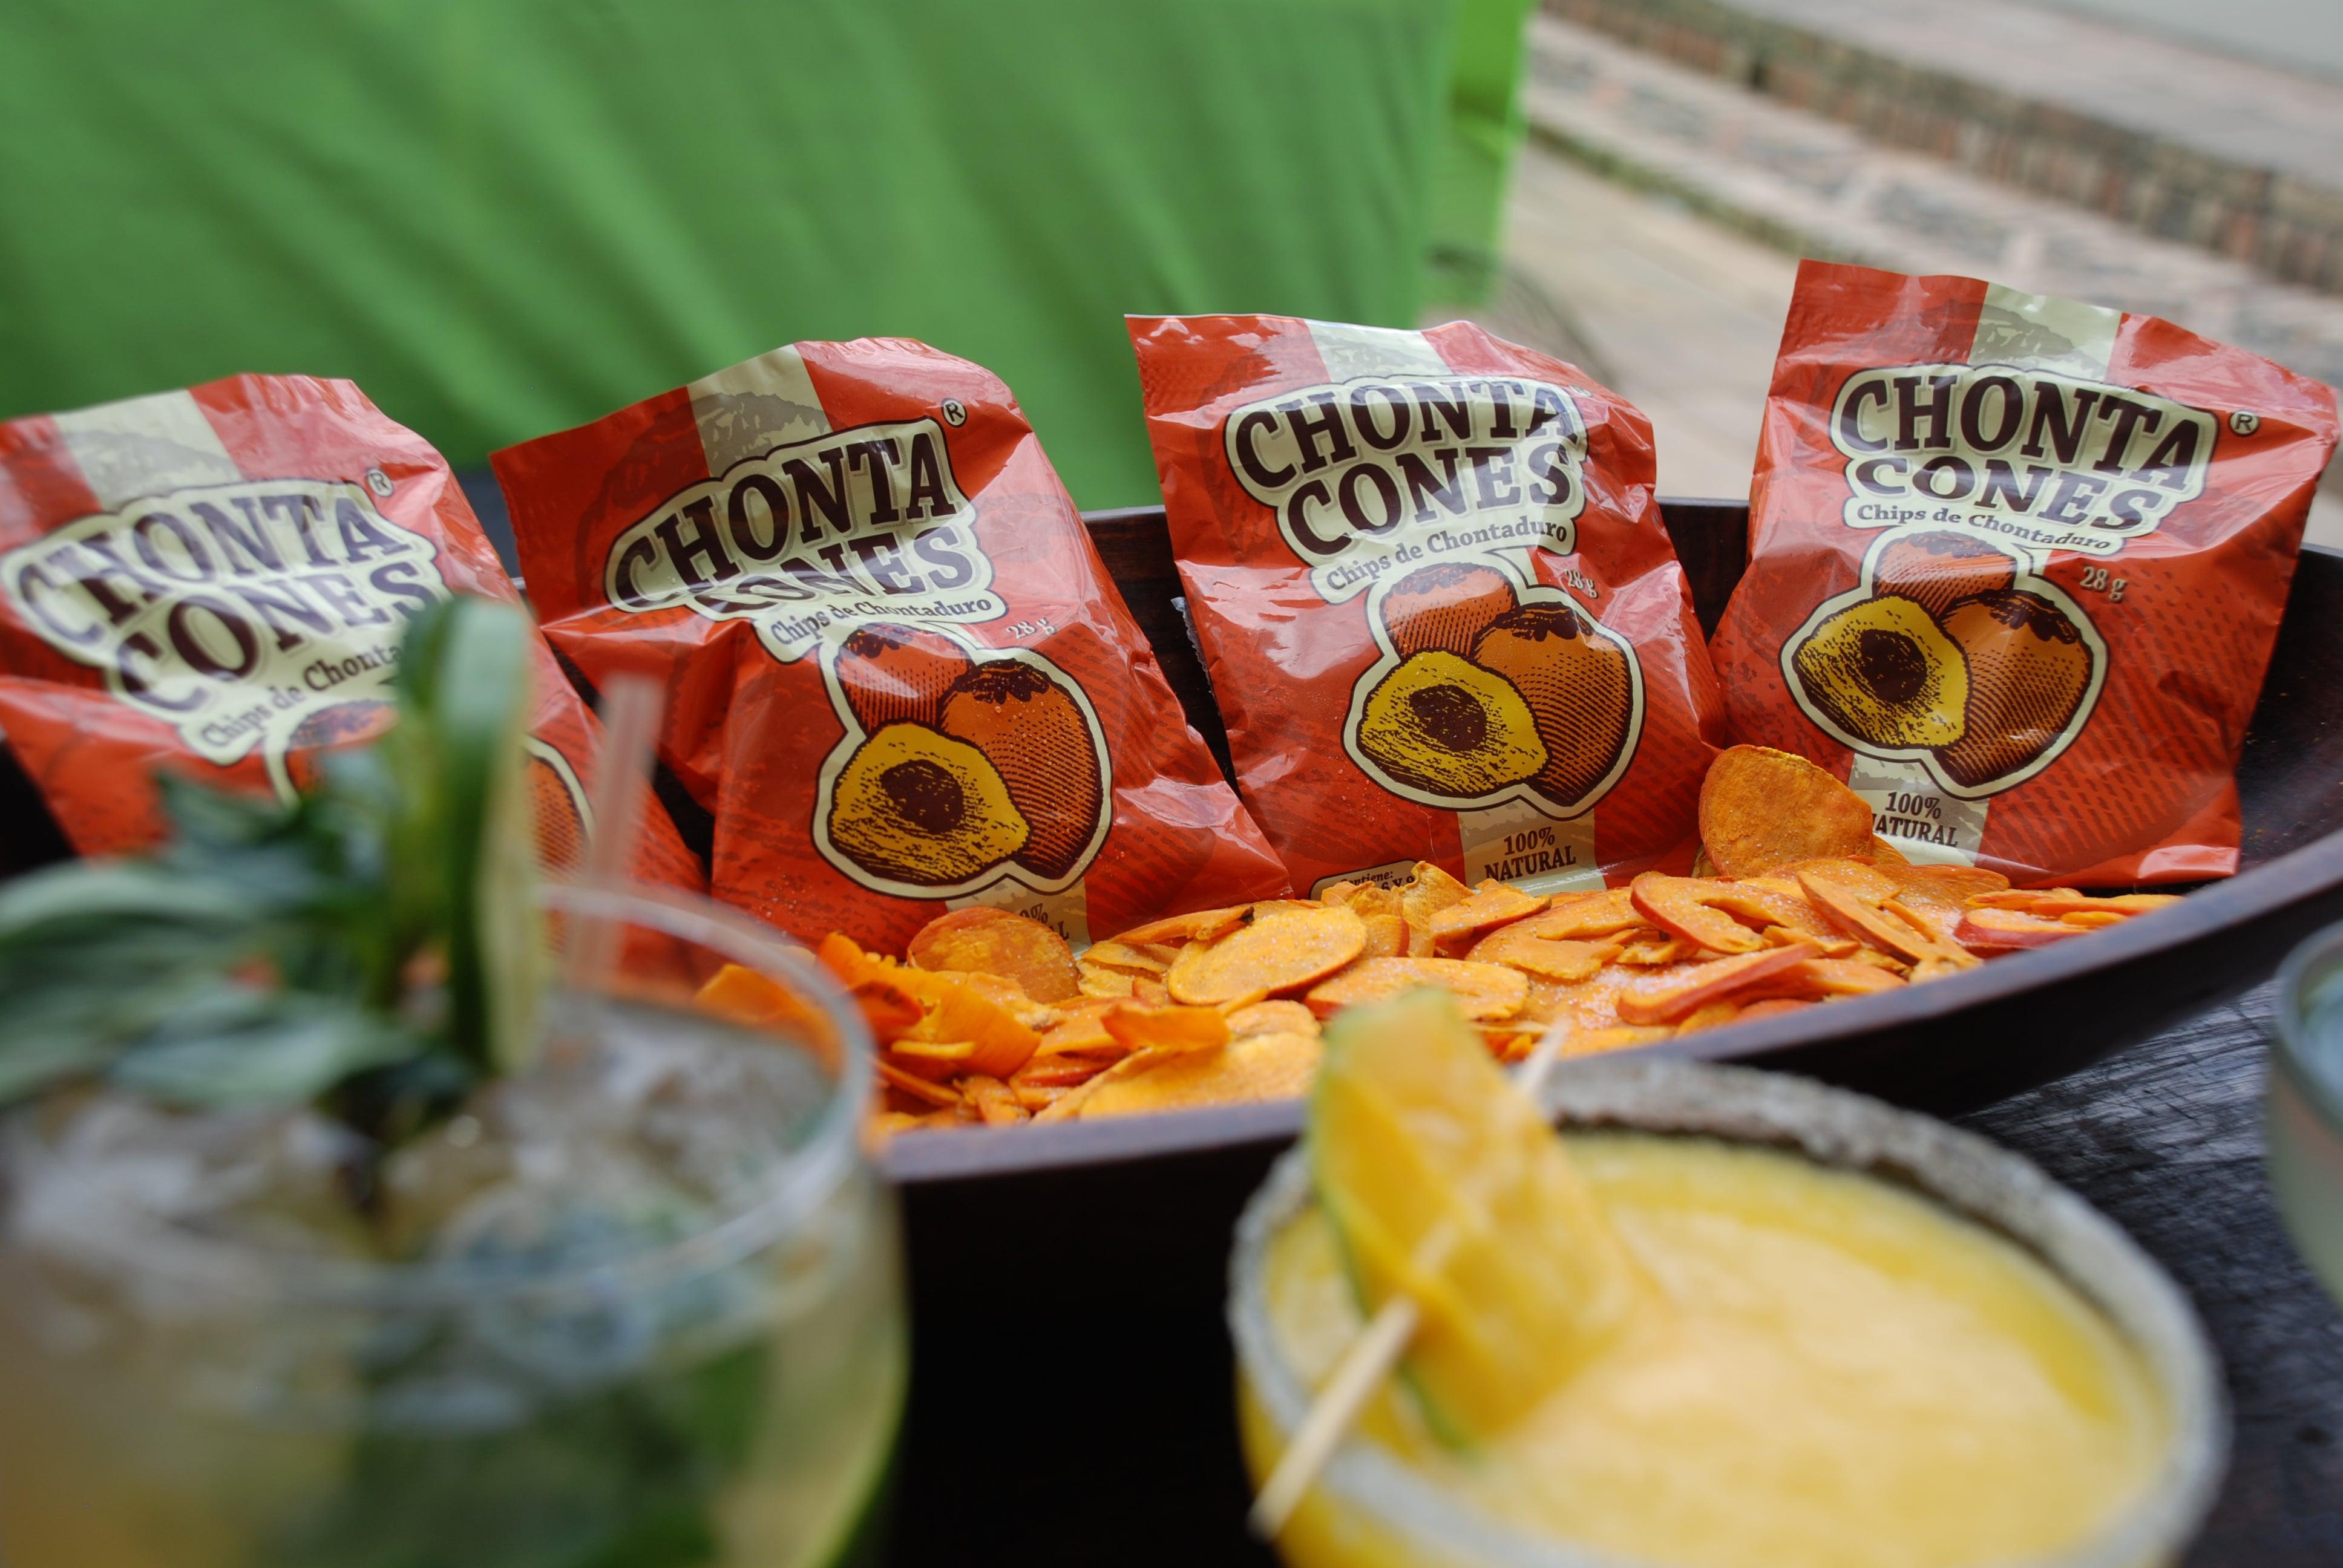 Chontacones